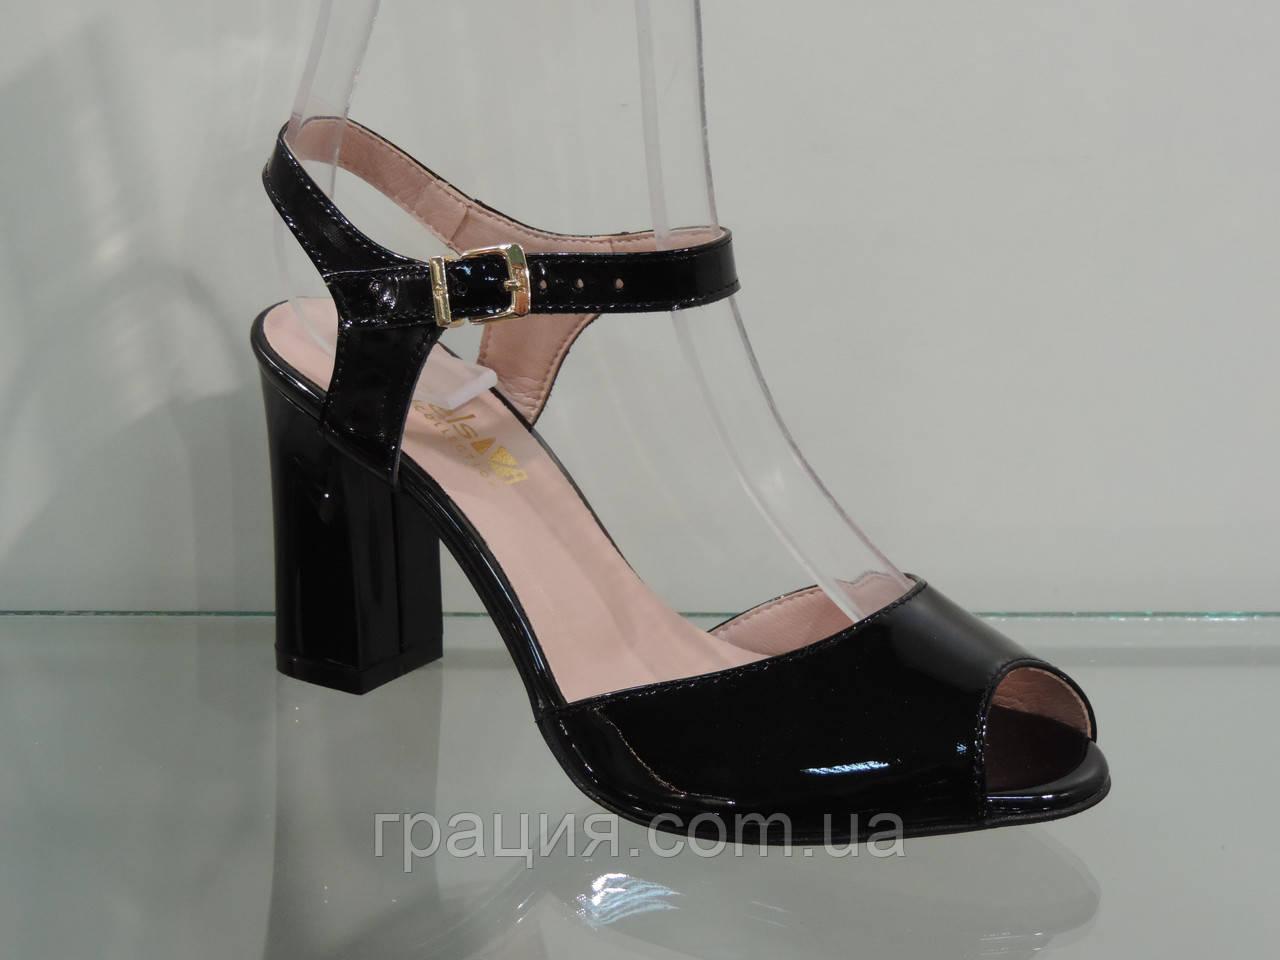 Босоножки женские модные на каблуке